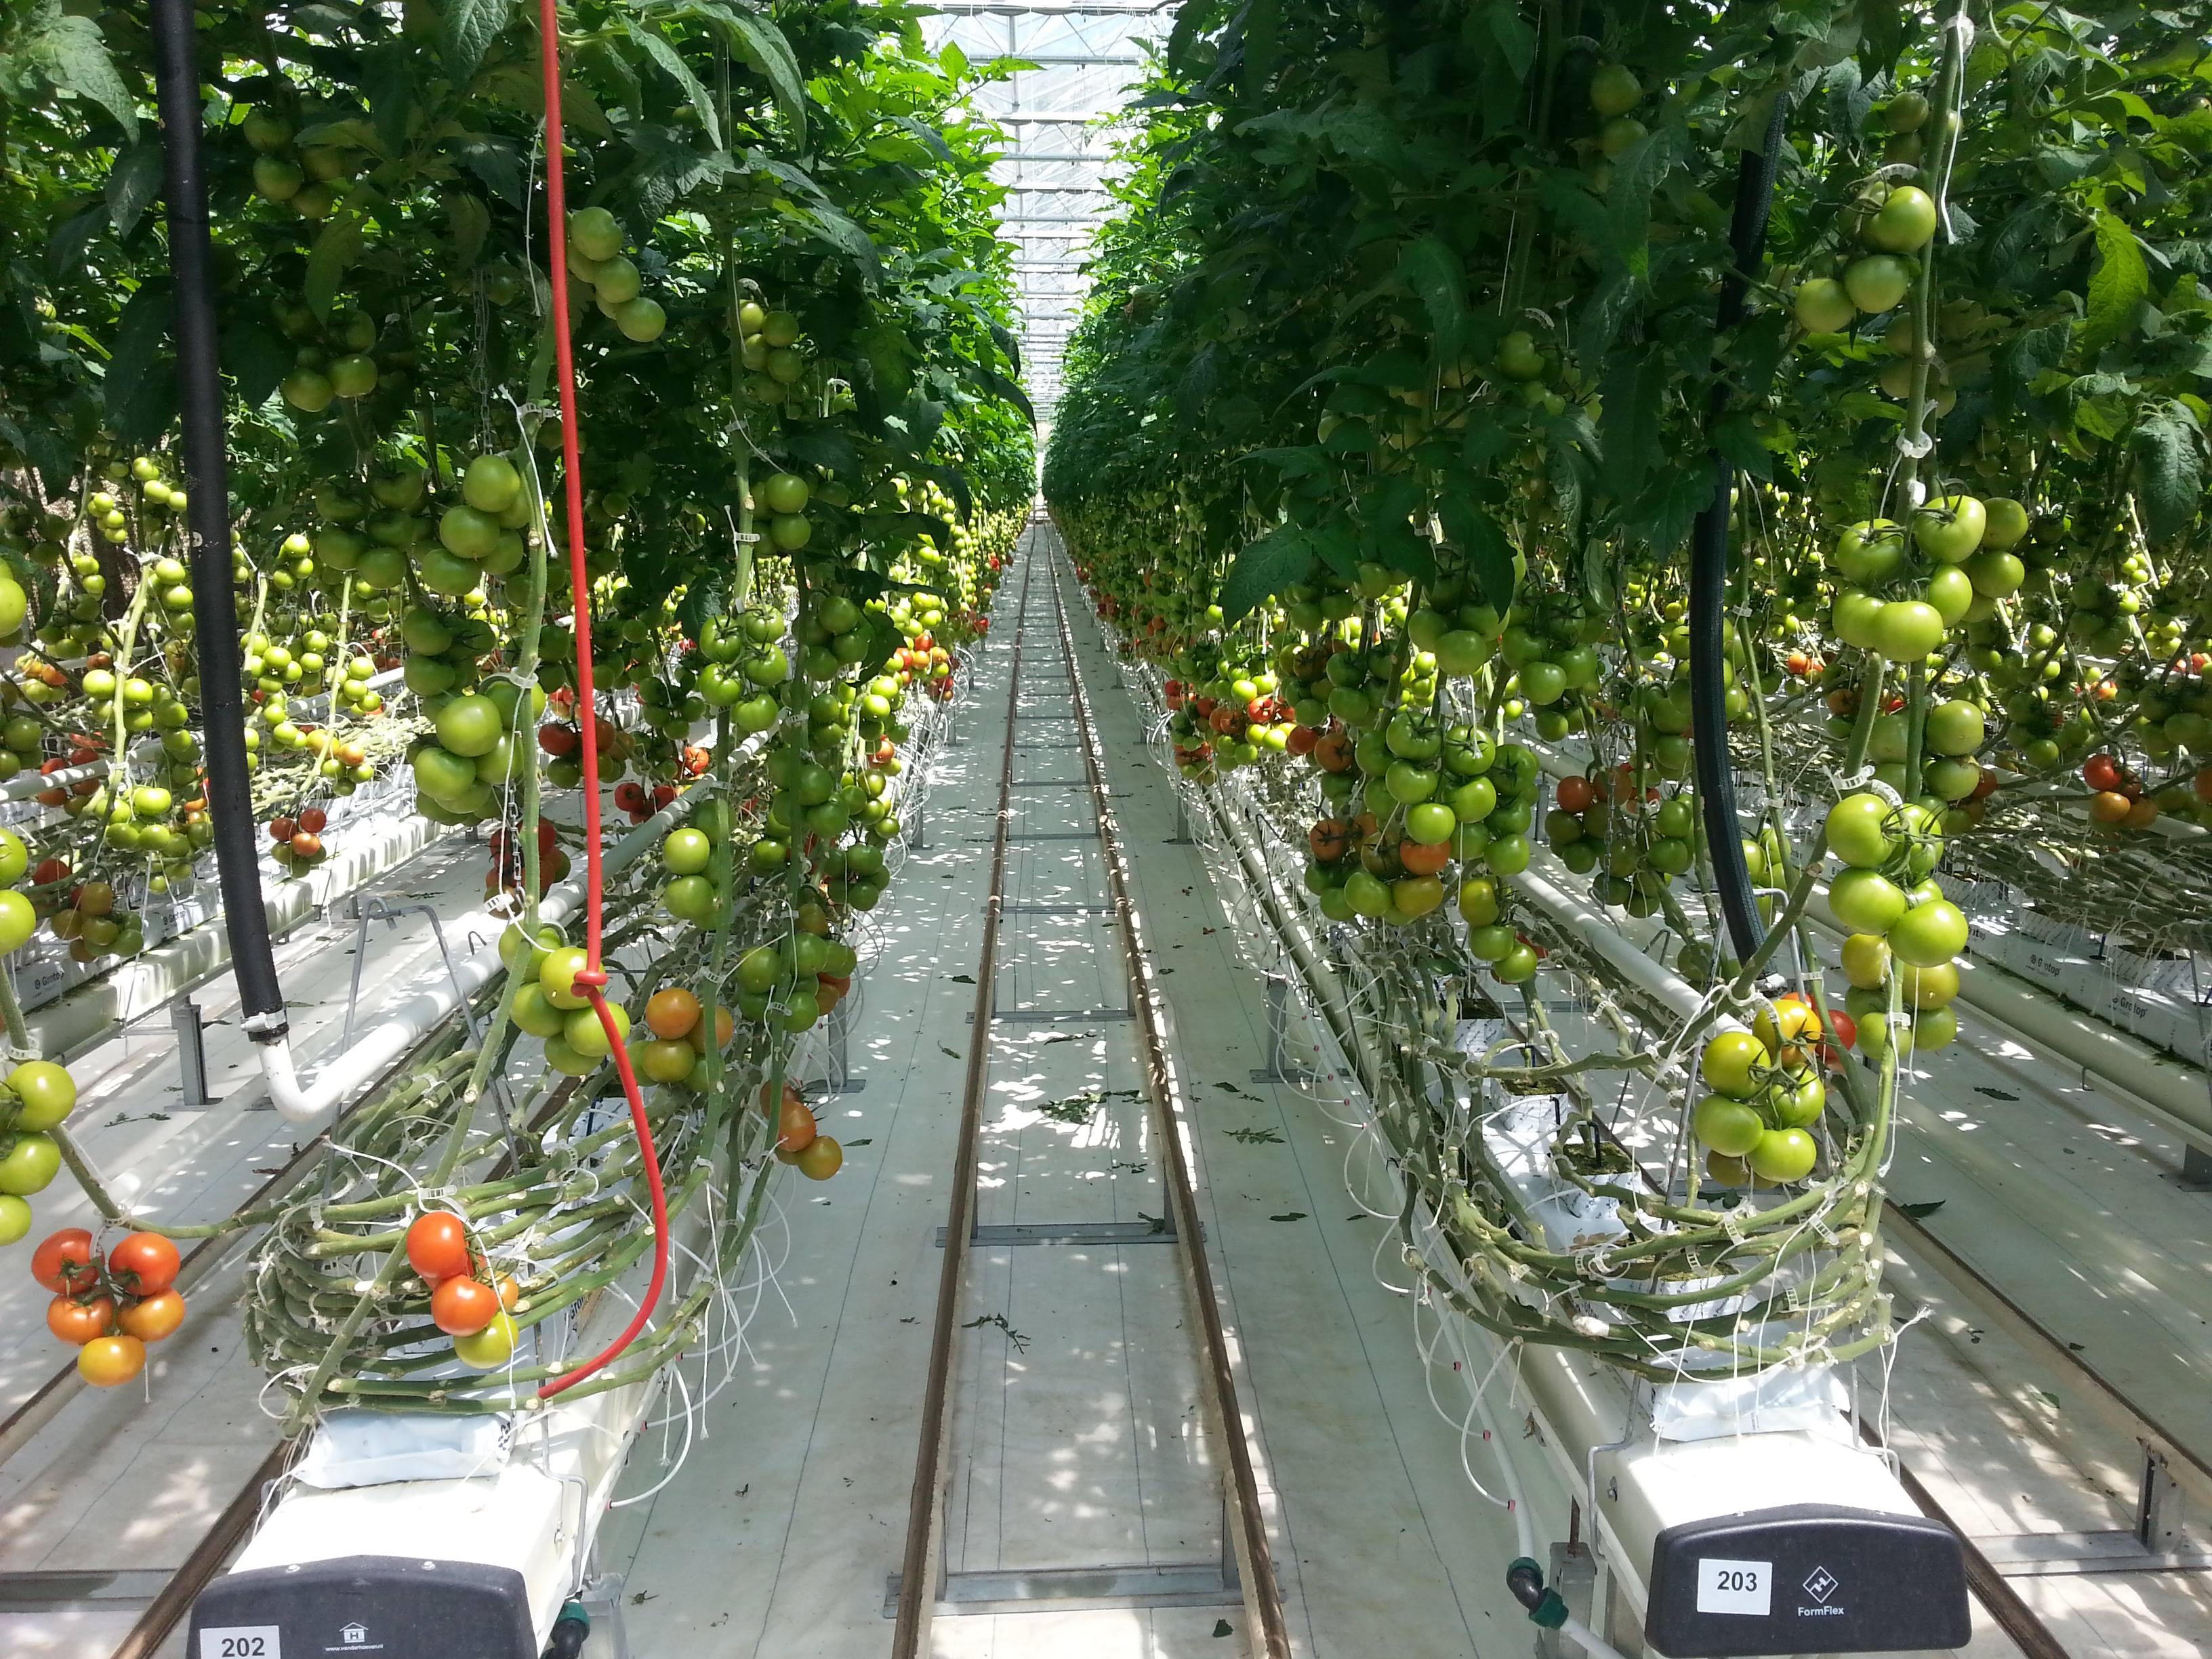 Συμβολή στην αντιμετώπιση της αβιοτικής καταπόνησης σε καλλιέργειες τομάτας στην εποχή της κλιματικής αλλαγής (Ημερίδα)